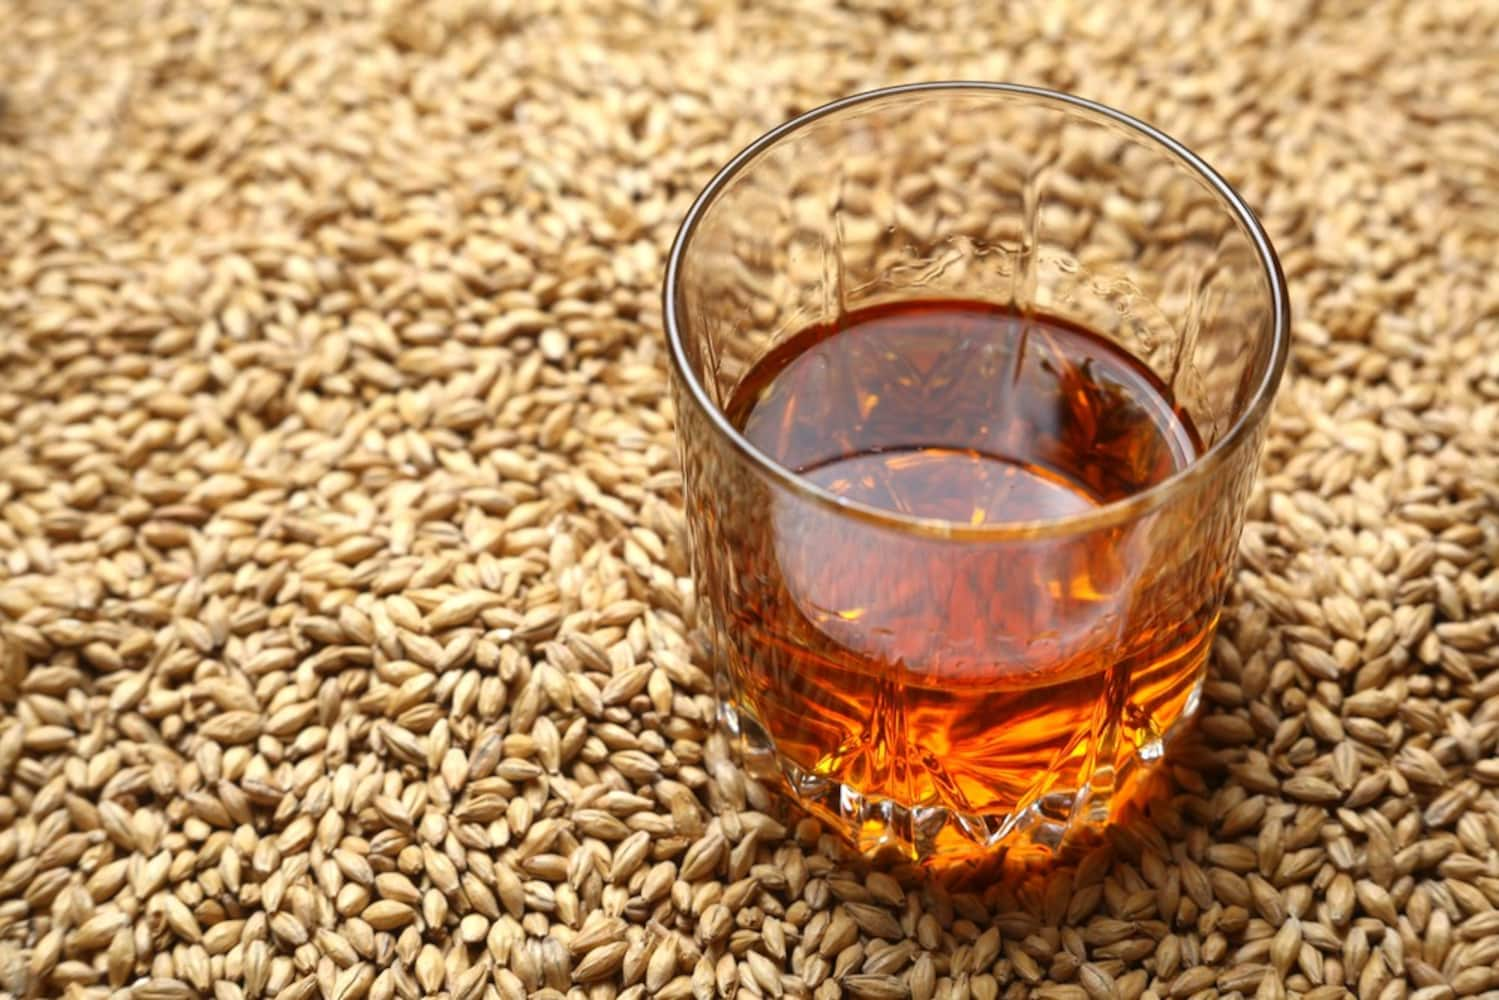 タイプ2|クセが弱く、飲みやすいグレーンウイスキー